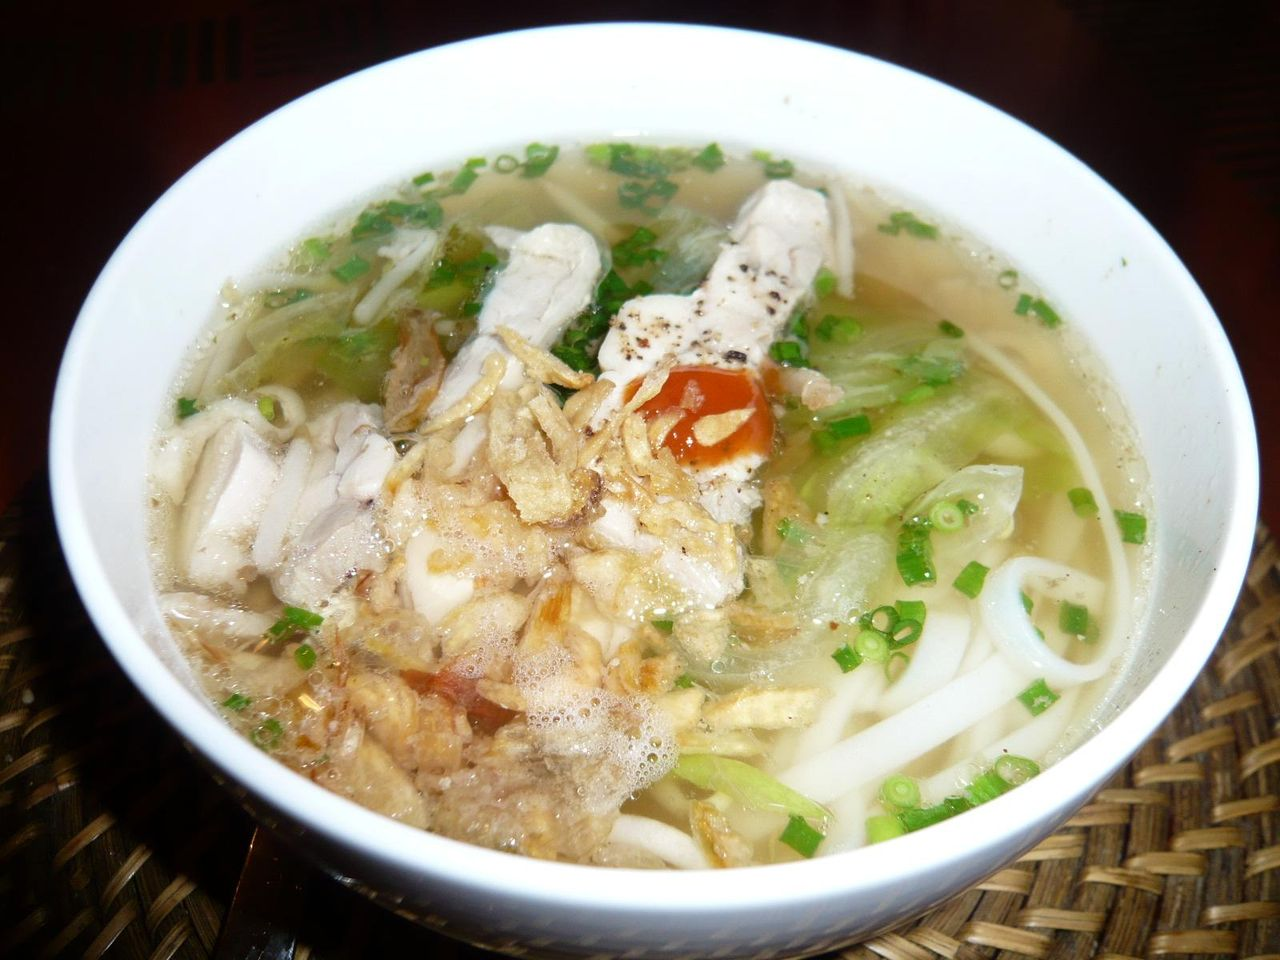 スープが絶品の旨さ!鶏・野菜入り温麺